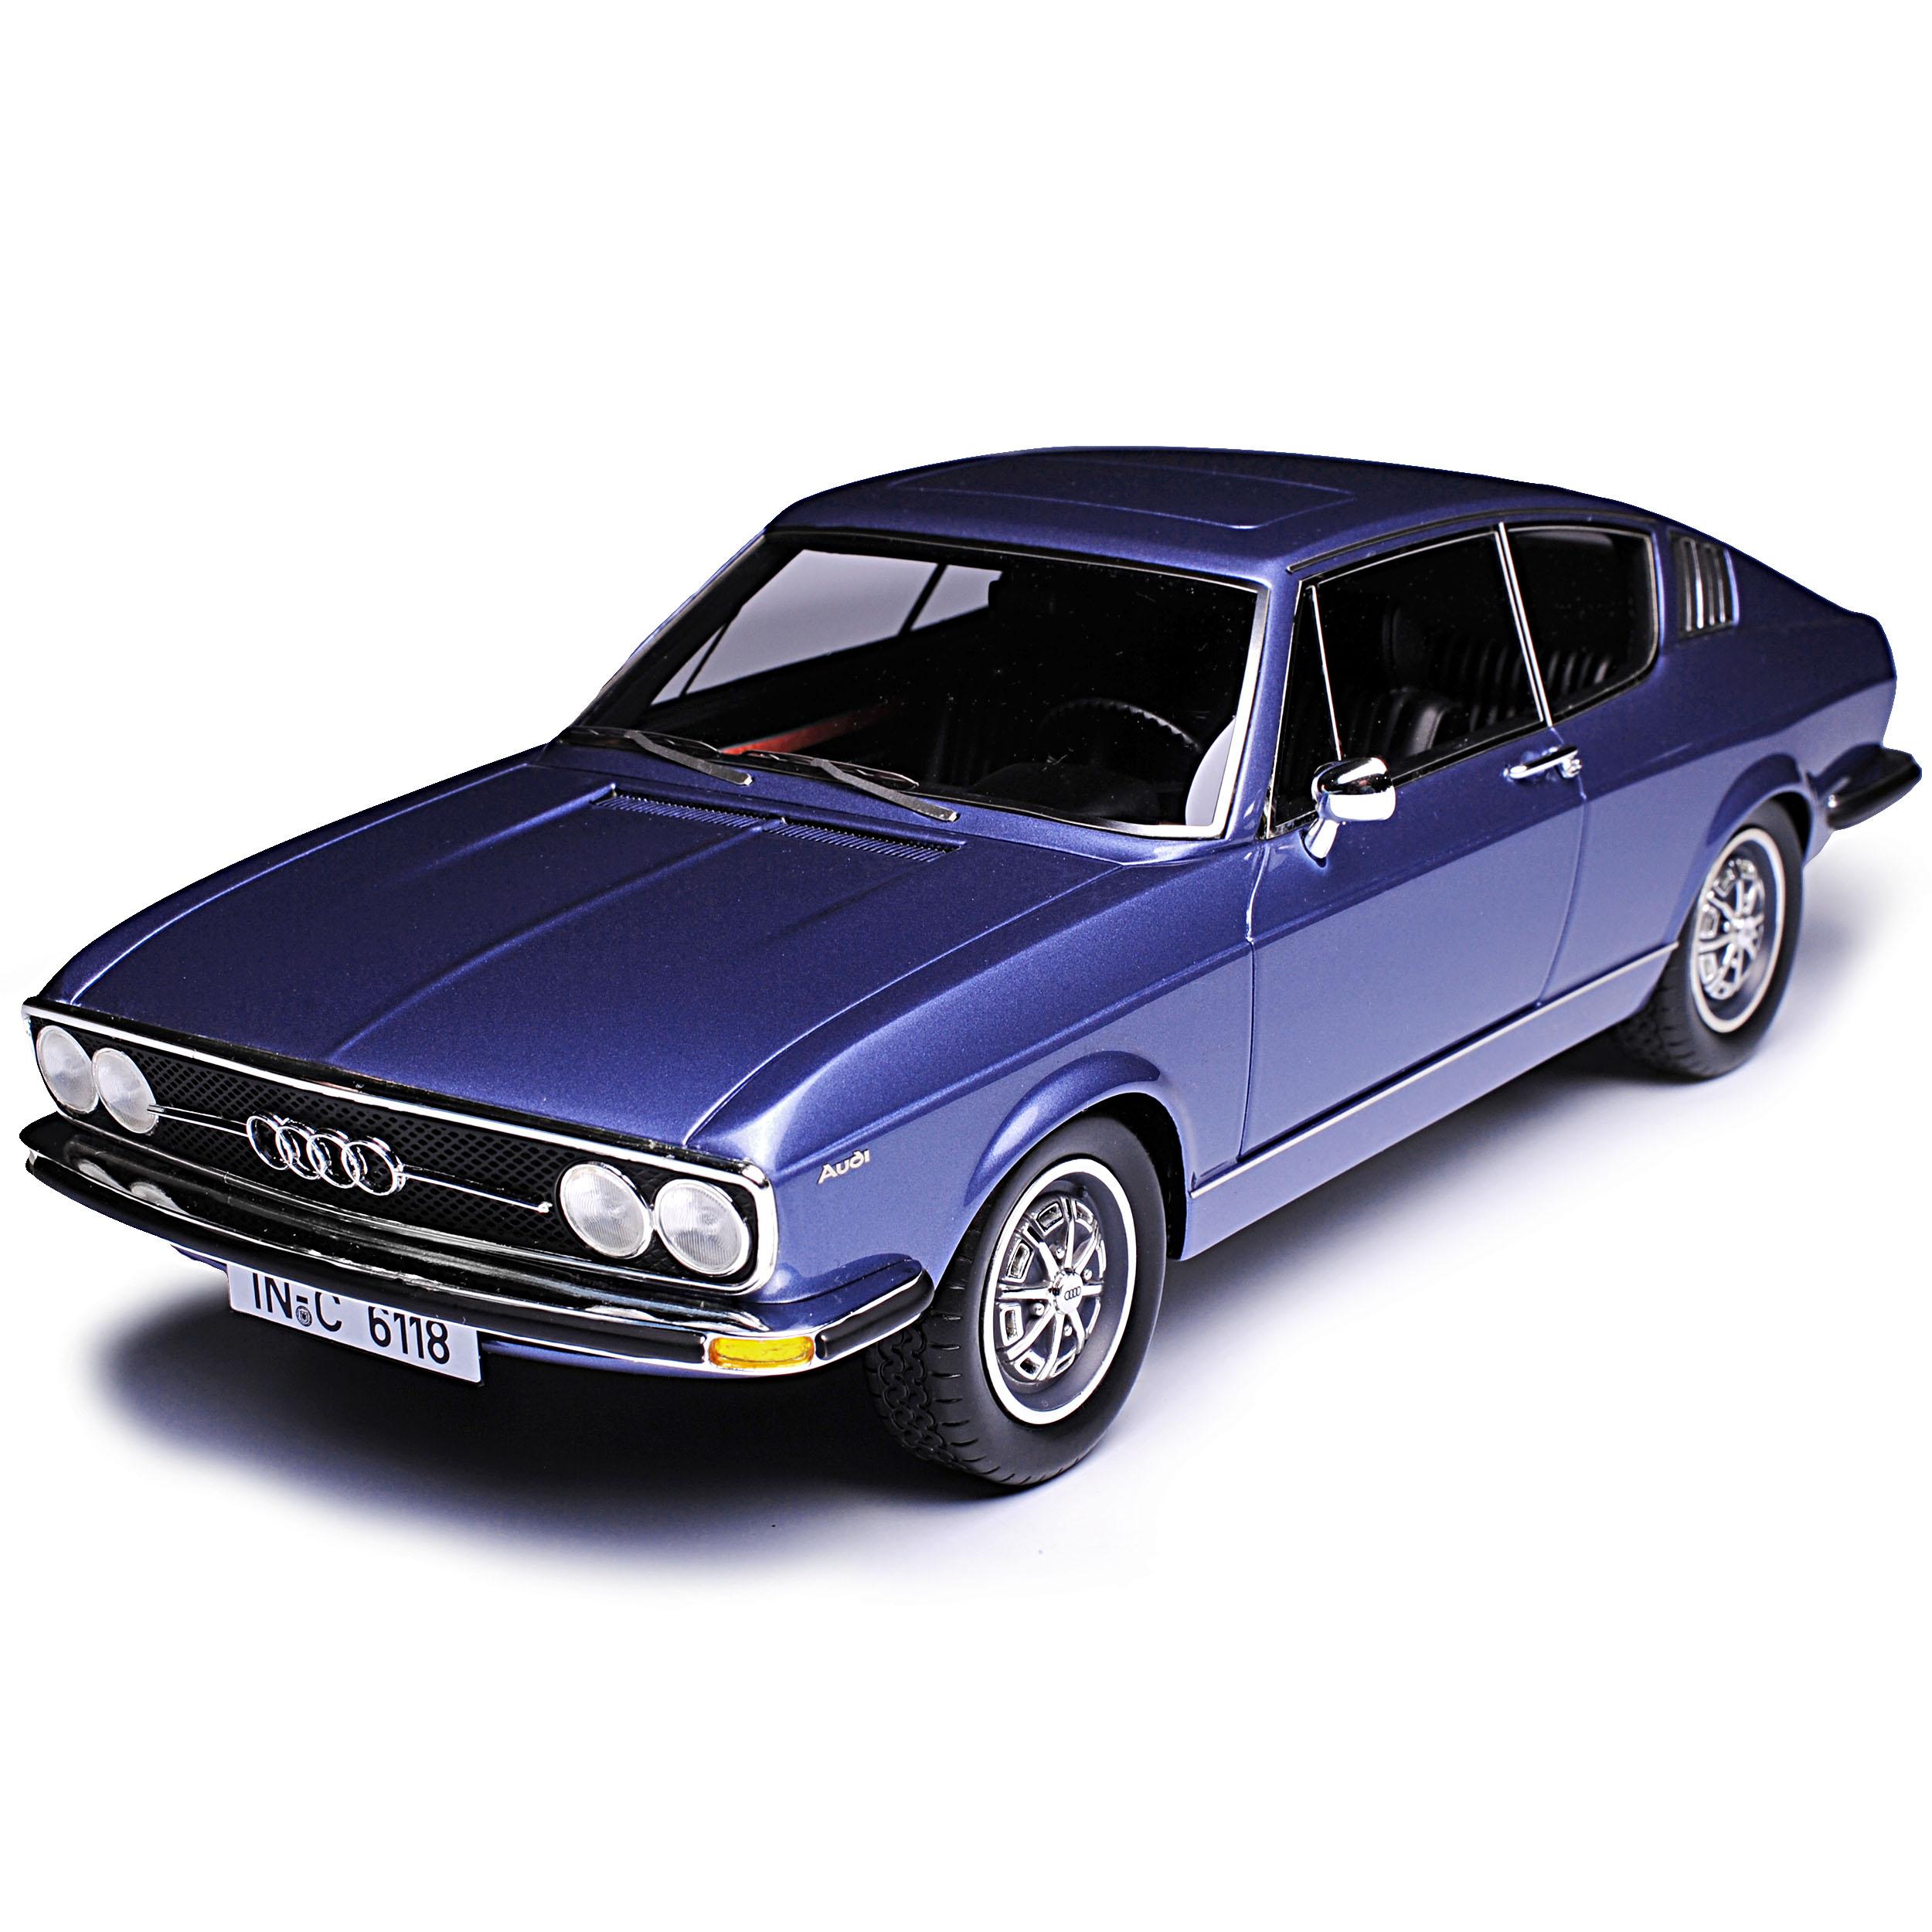 AUDI 100 S c1 Coupe Blu 1968-1976 stata limitata 500 pezzi 1//18 KK-scale modello au...